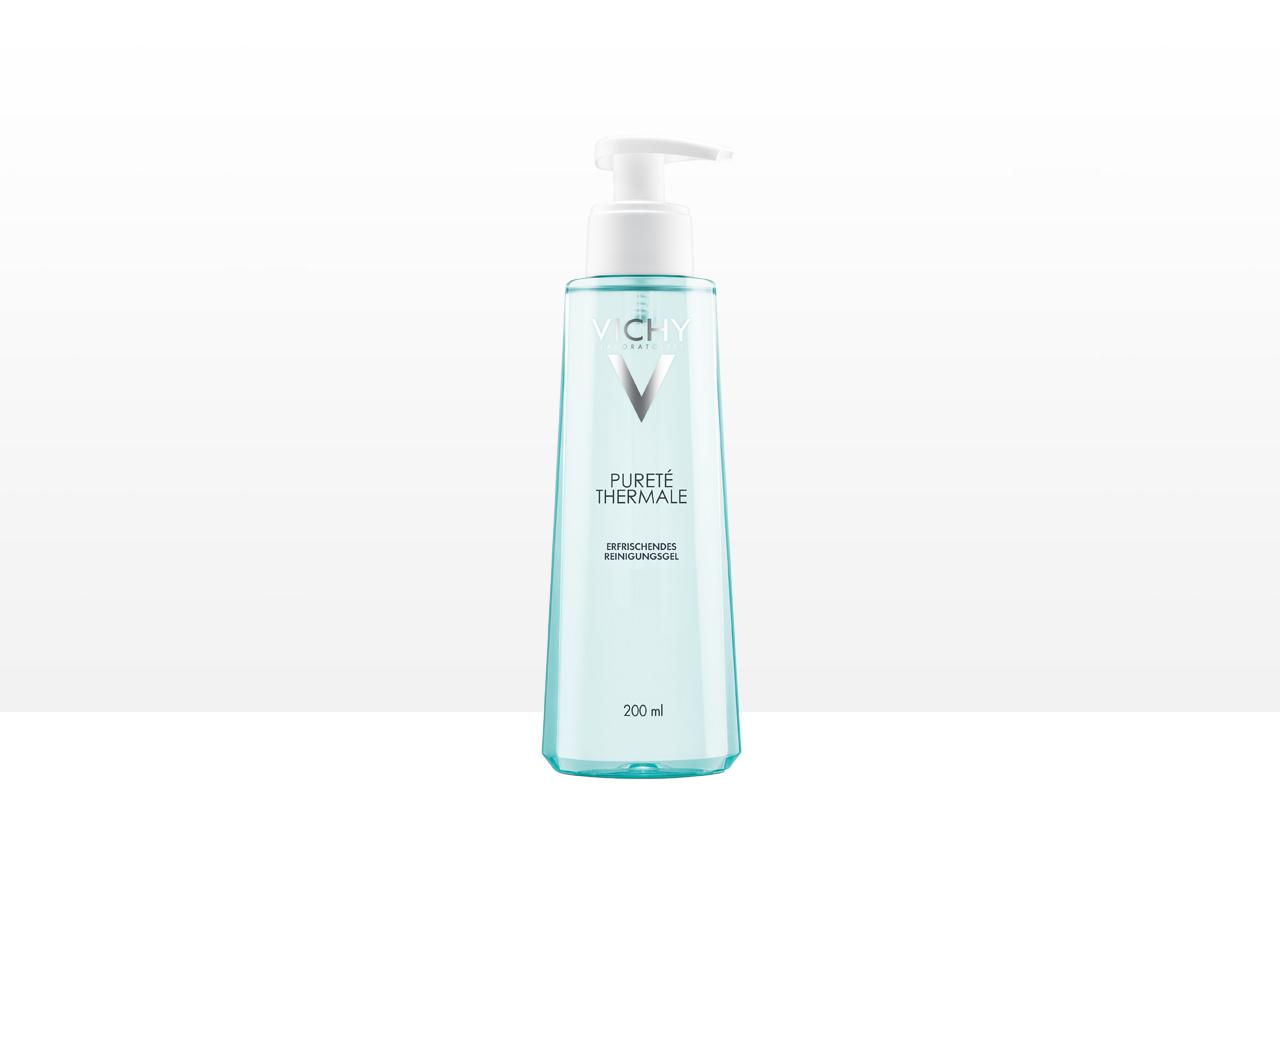 Hautreinigung   mit Reinigungsgel Pureté Thermale